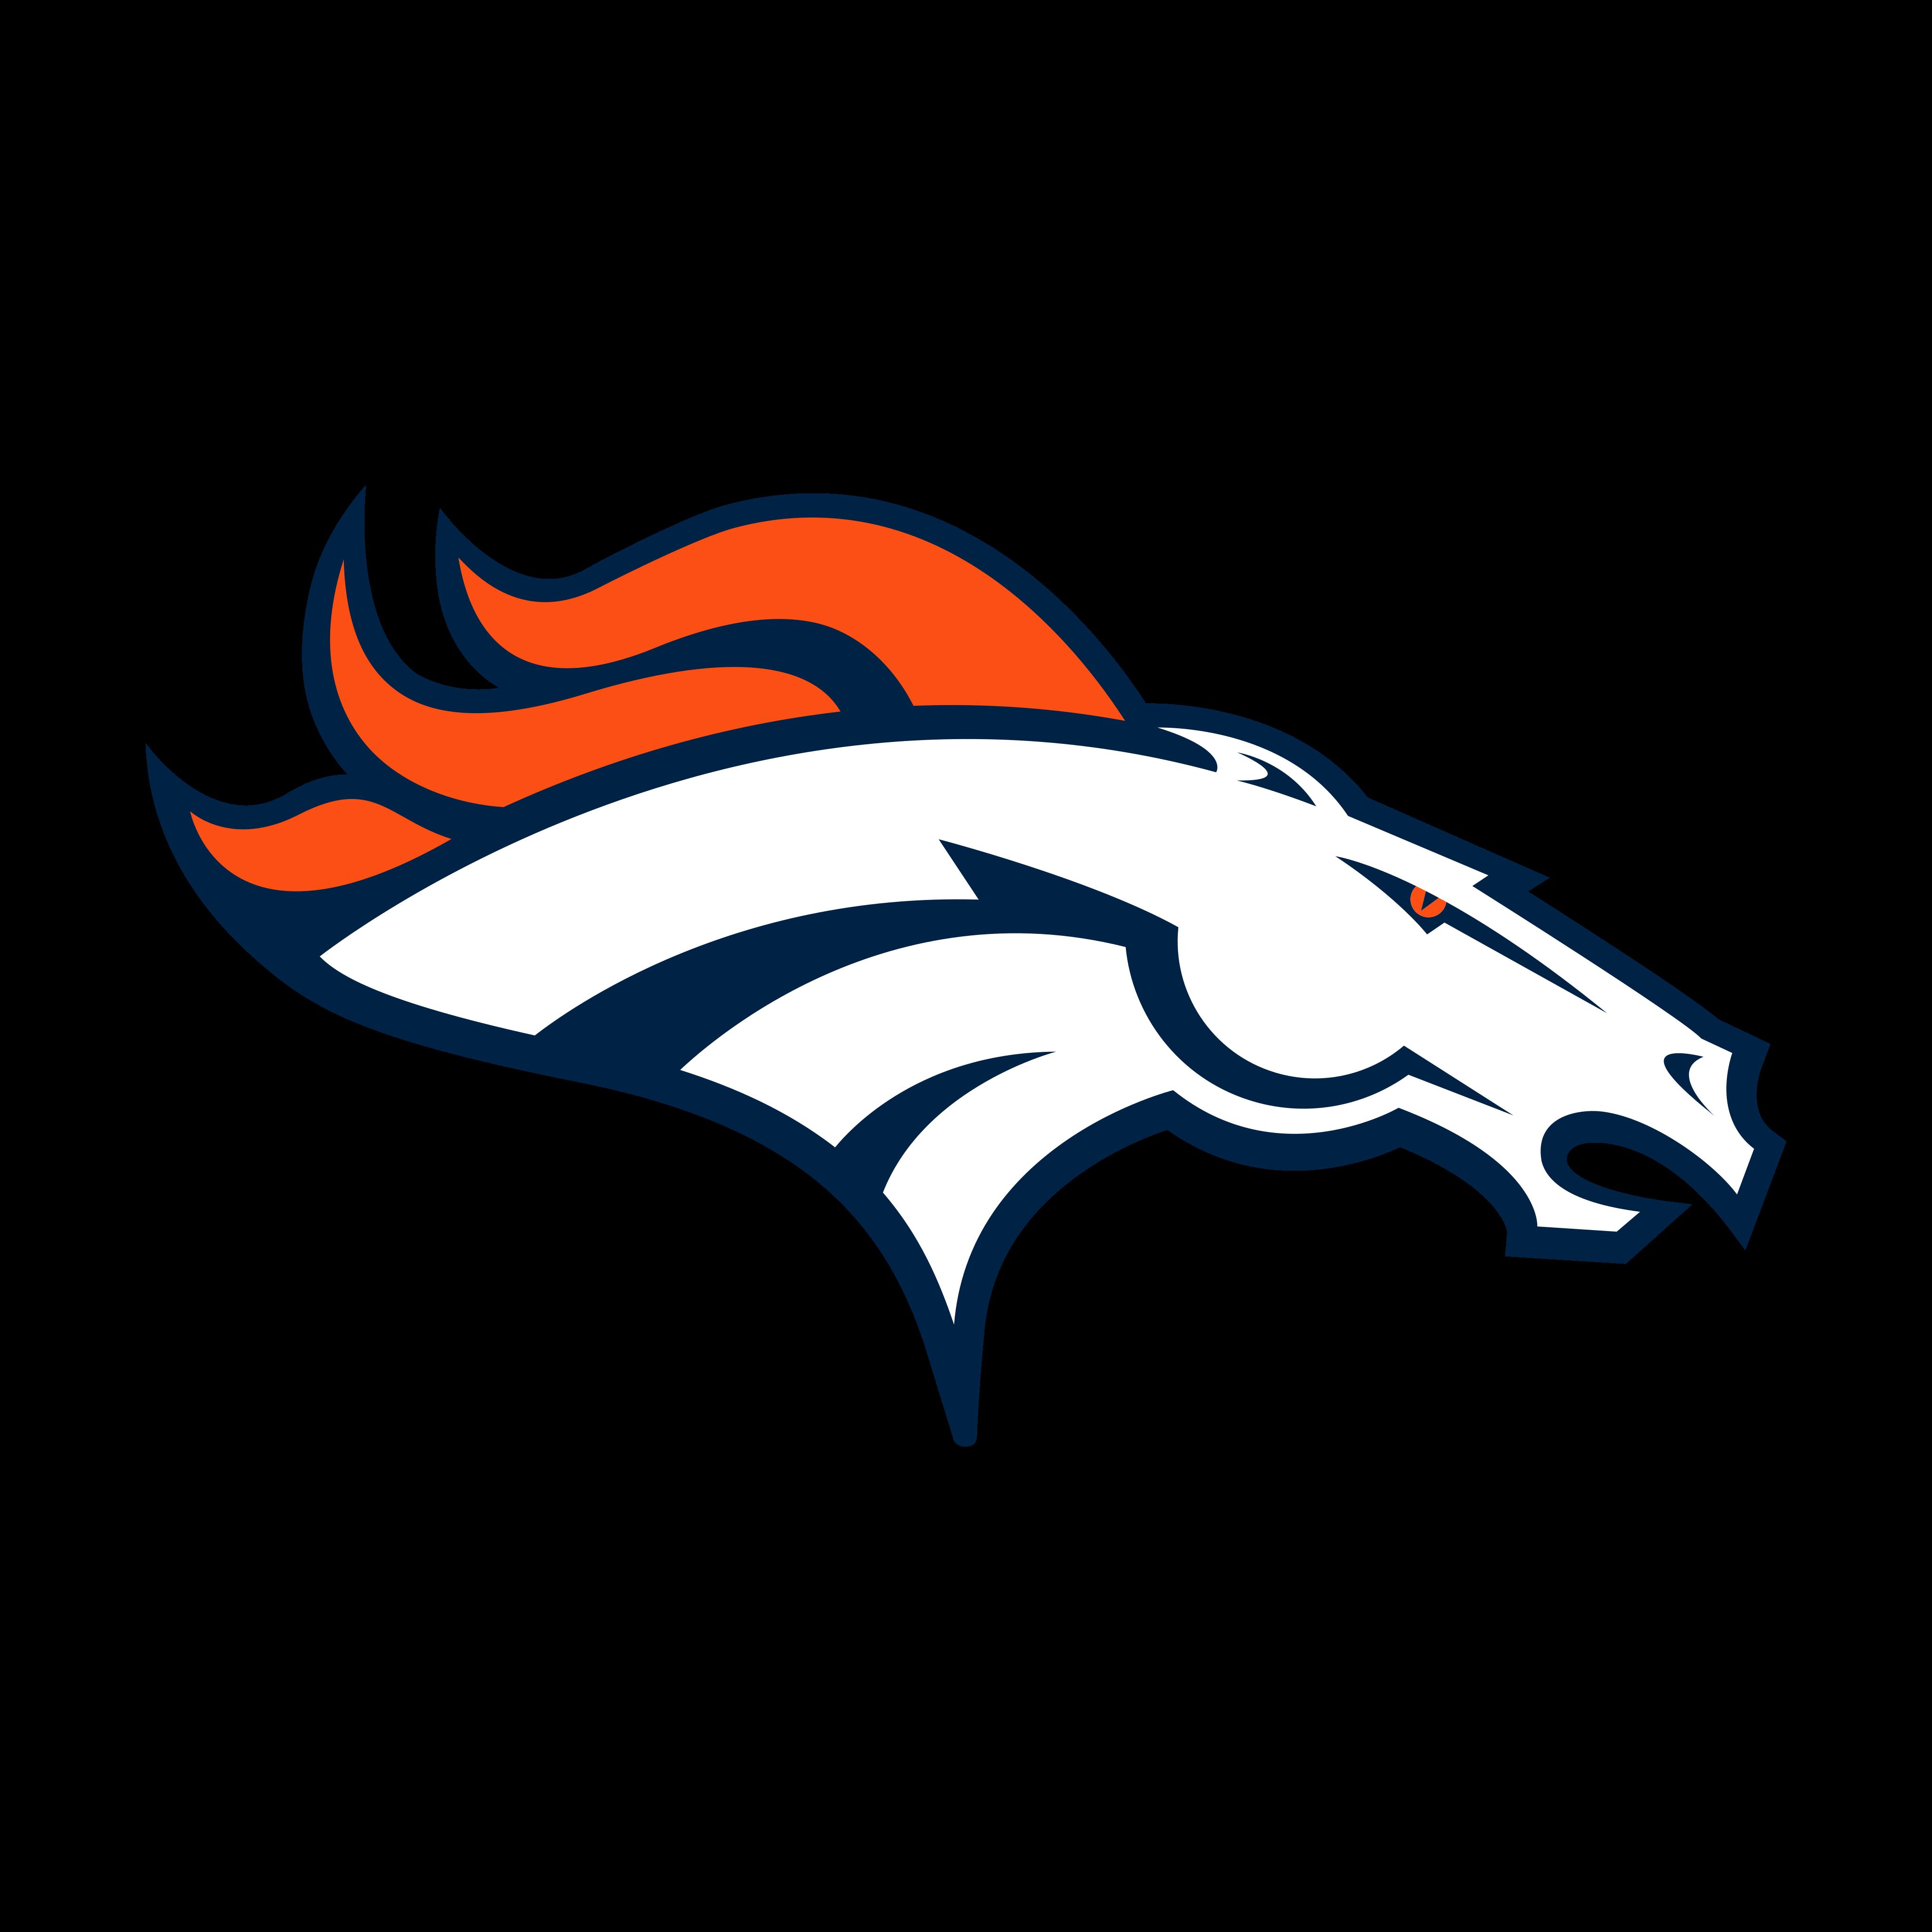 denver broncos logo 0 - Denver Broncos Logo